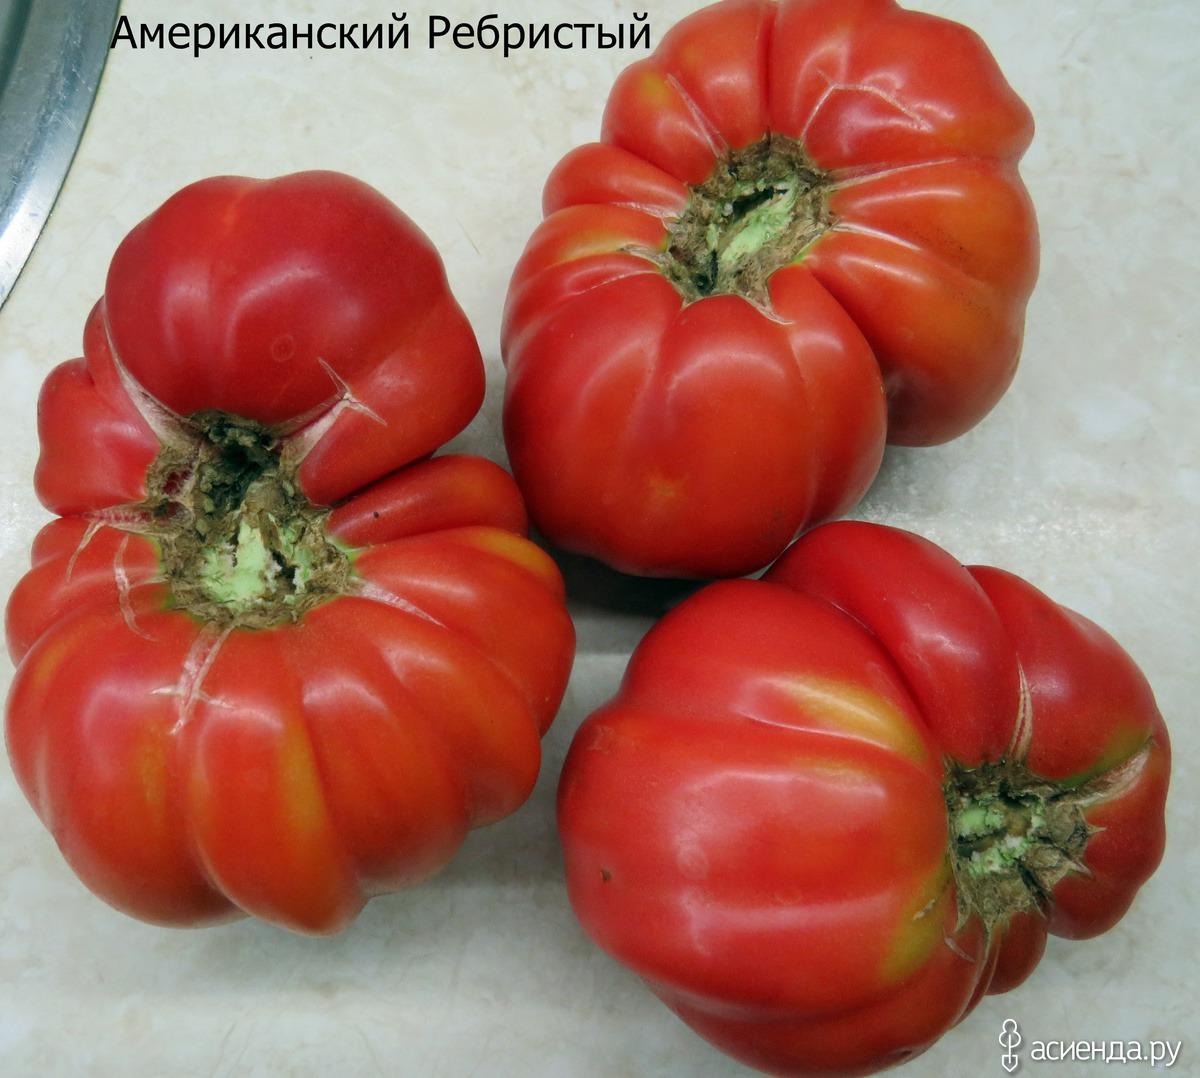 Томат «американский ребристый»: характеристика и описание сорта – все о томатах. выращивание томатов. сорта и рассада.